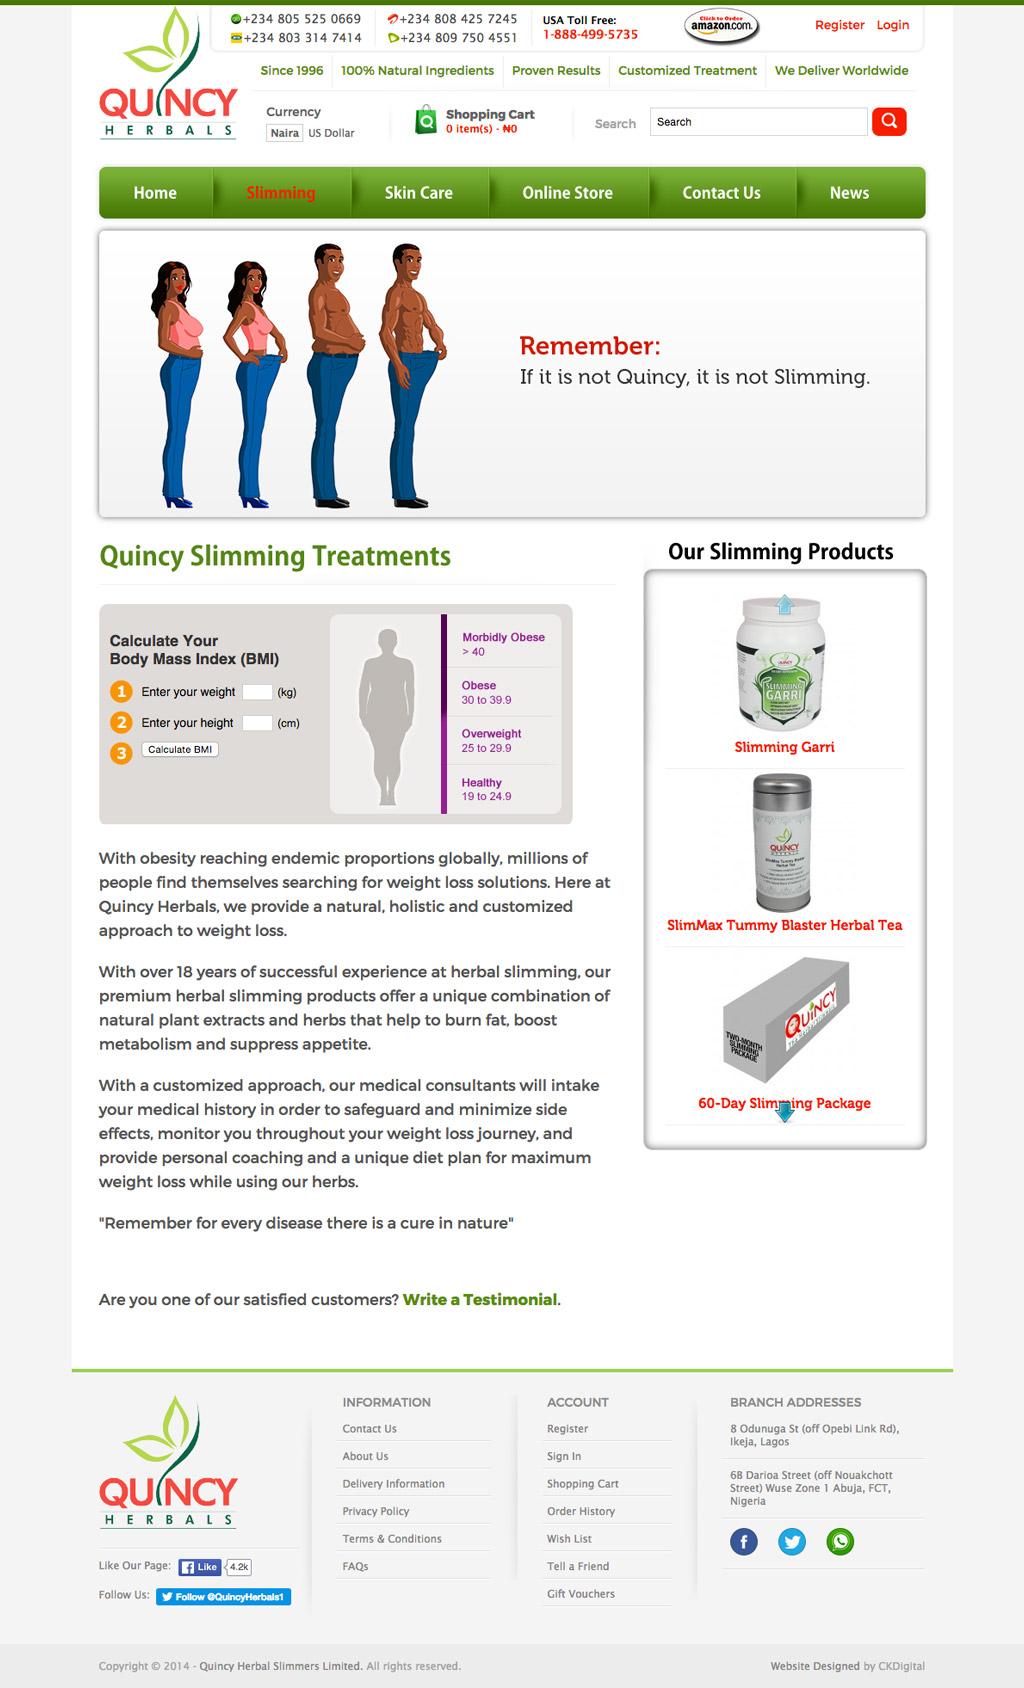 quincy-herbals-website-development-nigeria